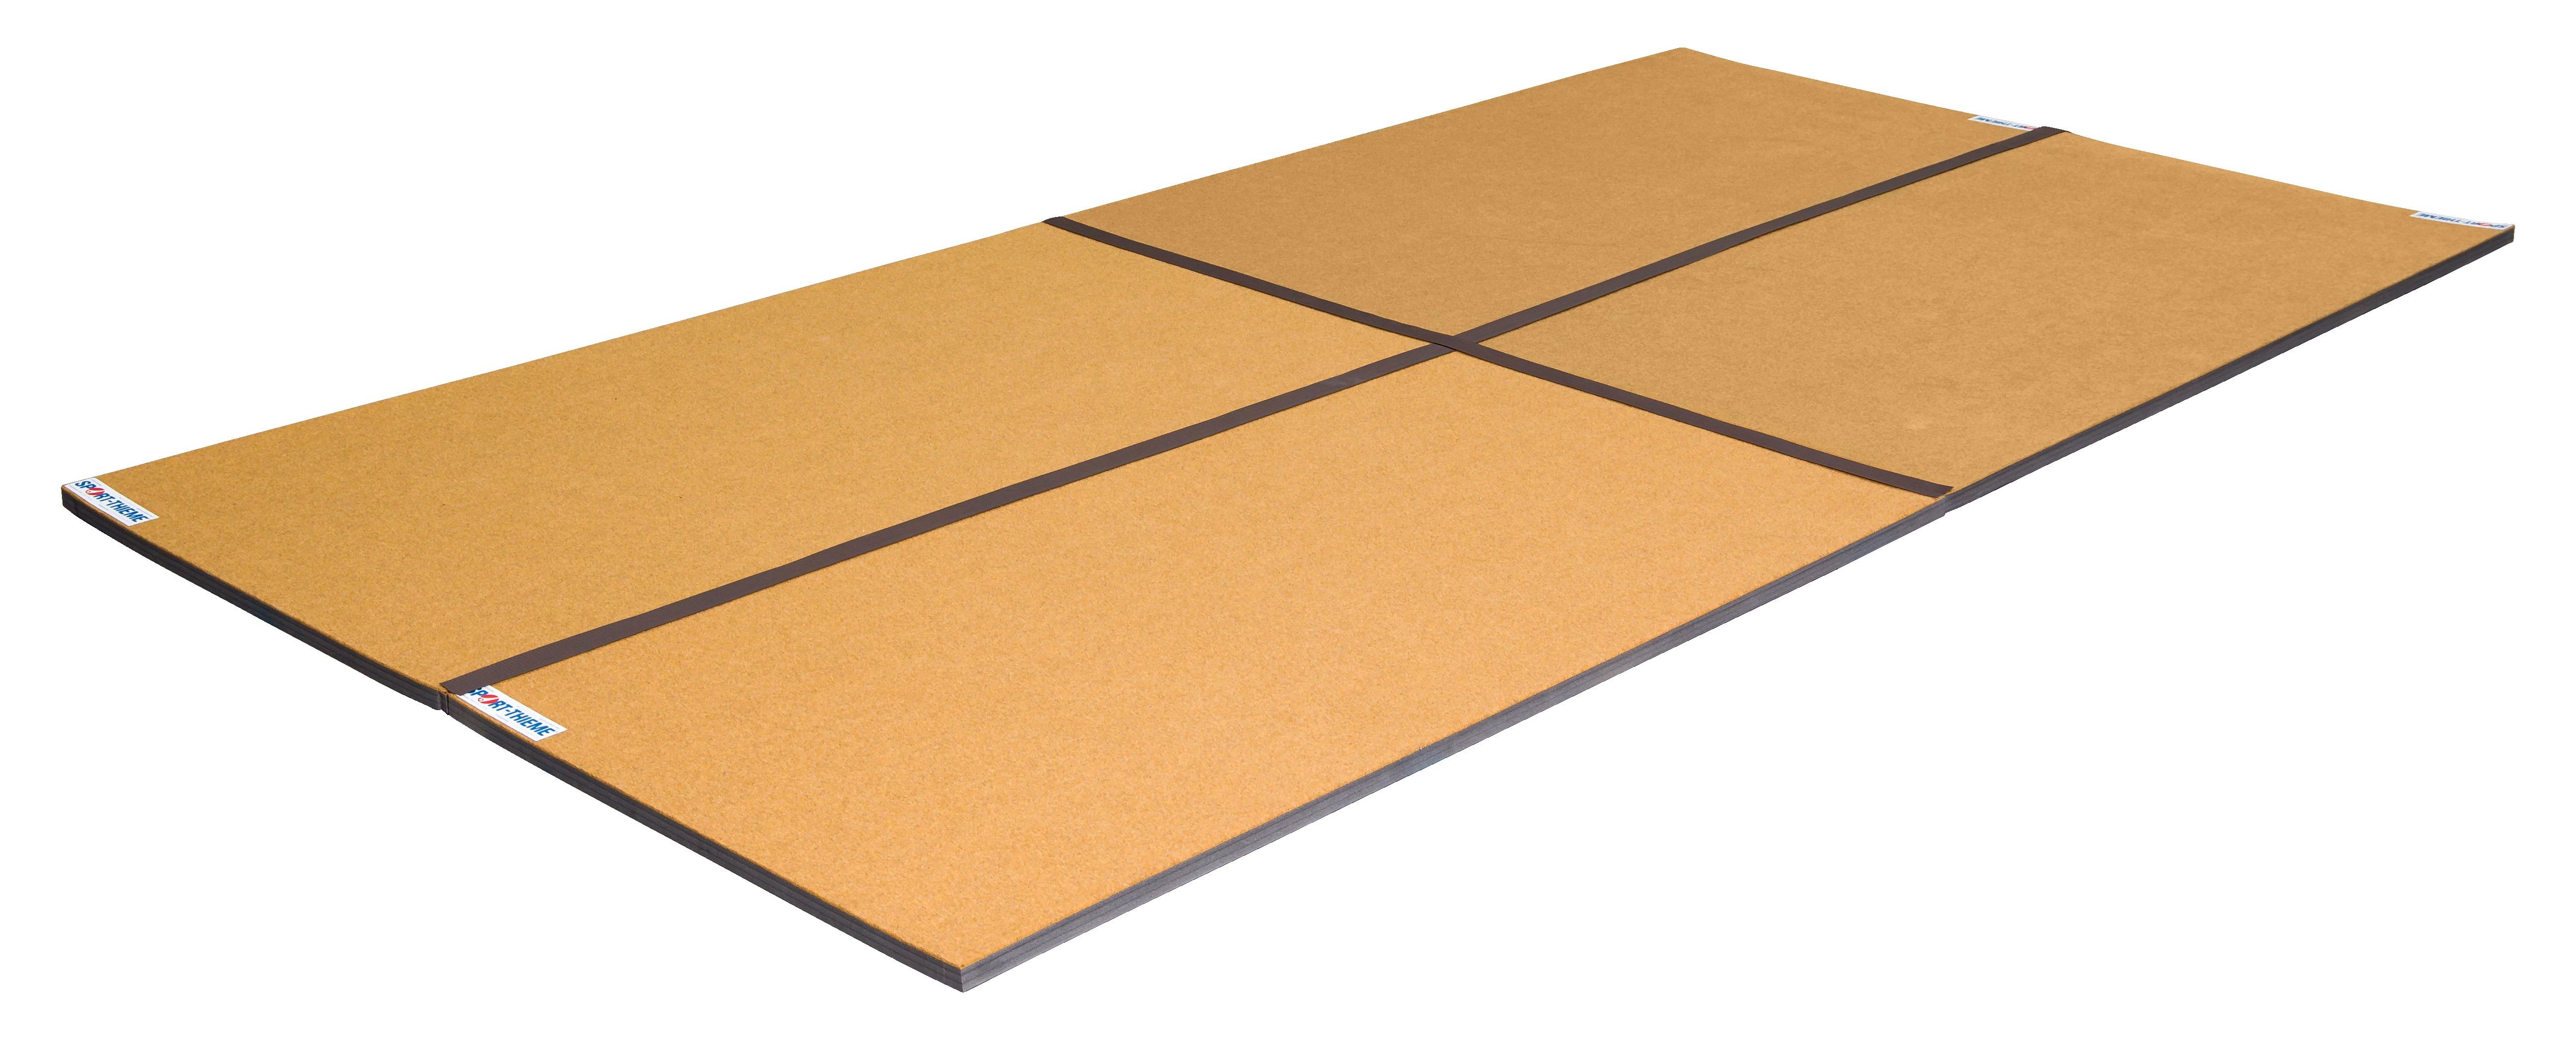 Sport-Thieme® Træningsmåtte 200x100x3,5 cm